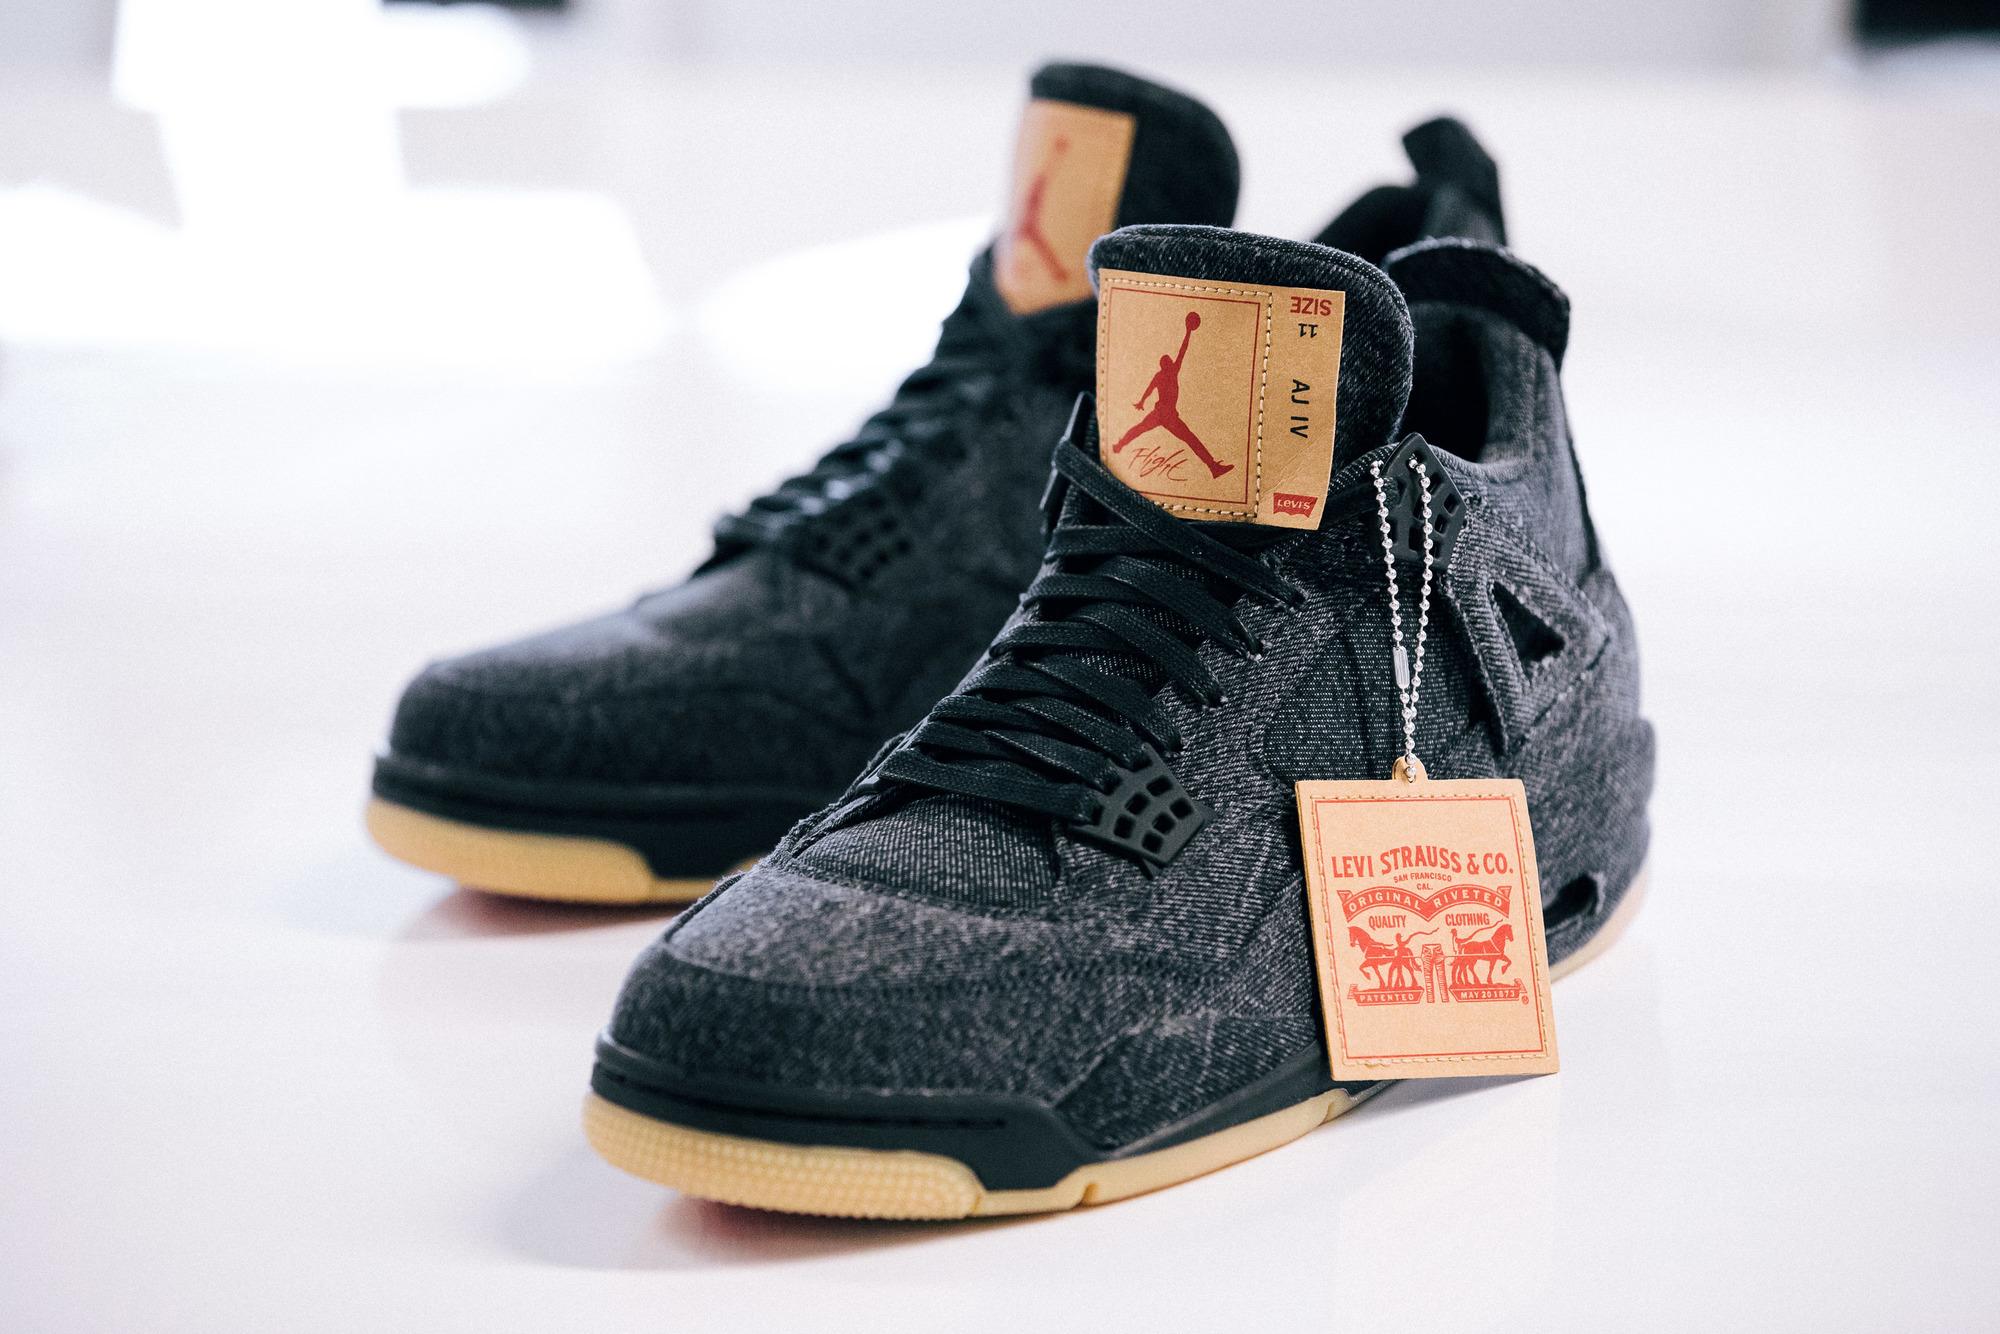 aa18524a511f43 levis air jordan 4 black release date · Jordan Brand   Kicks Off Court ...